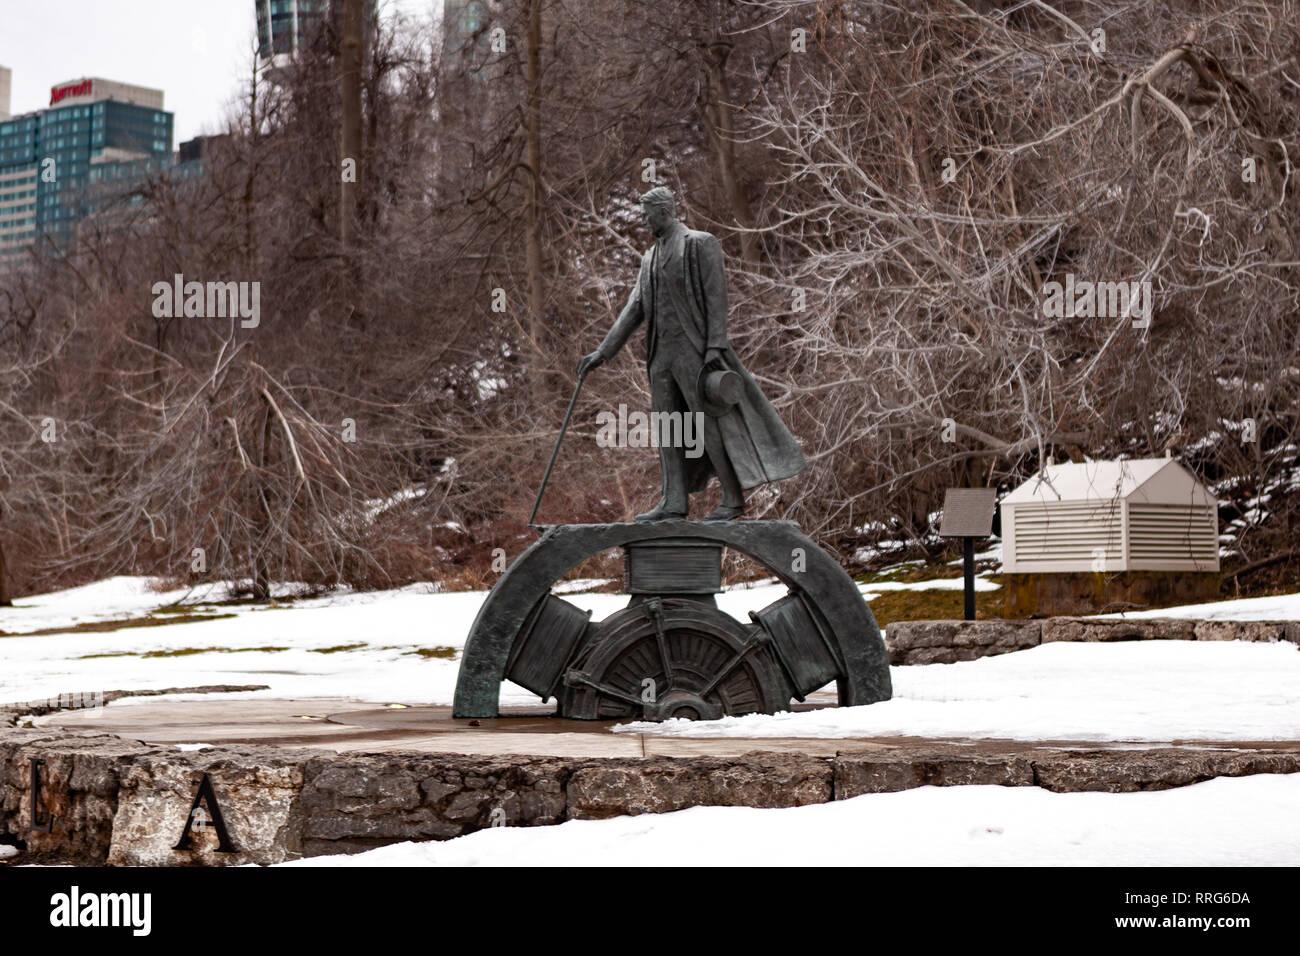 Nikola Tesla Escultura en el parque Queen Victoria en Niagara Falls, Canadá. El monumento fue diseñado por el escultor Les Drysdale y abrió sus puertas en 2006. Imagen De Stock